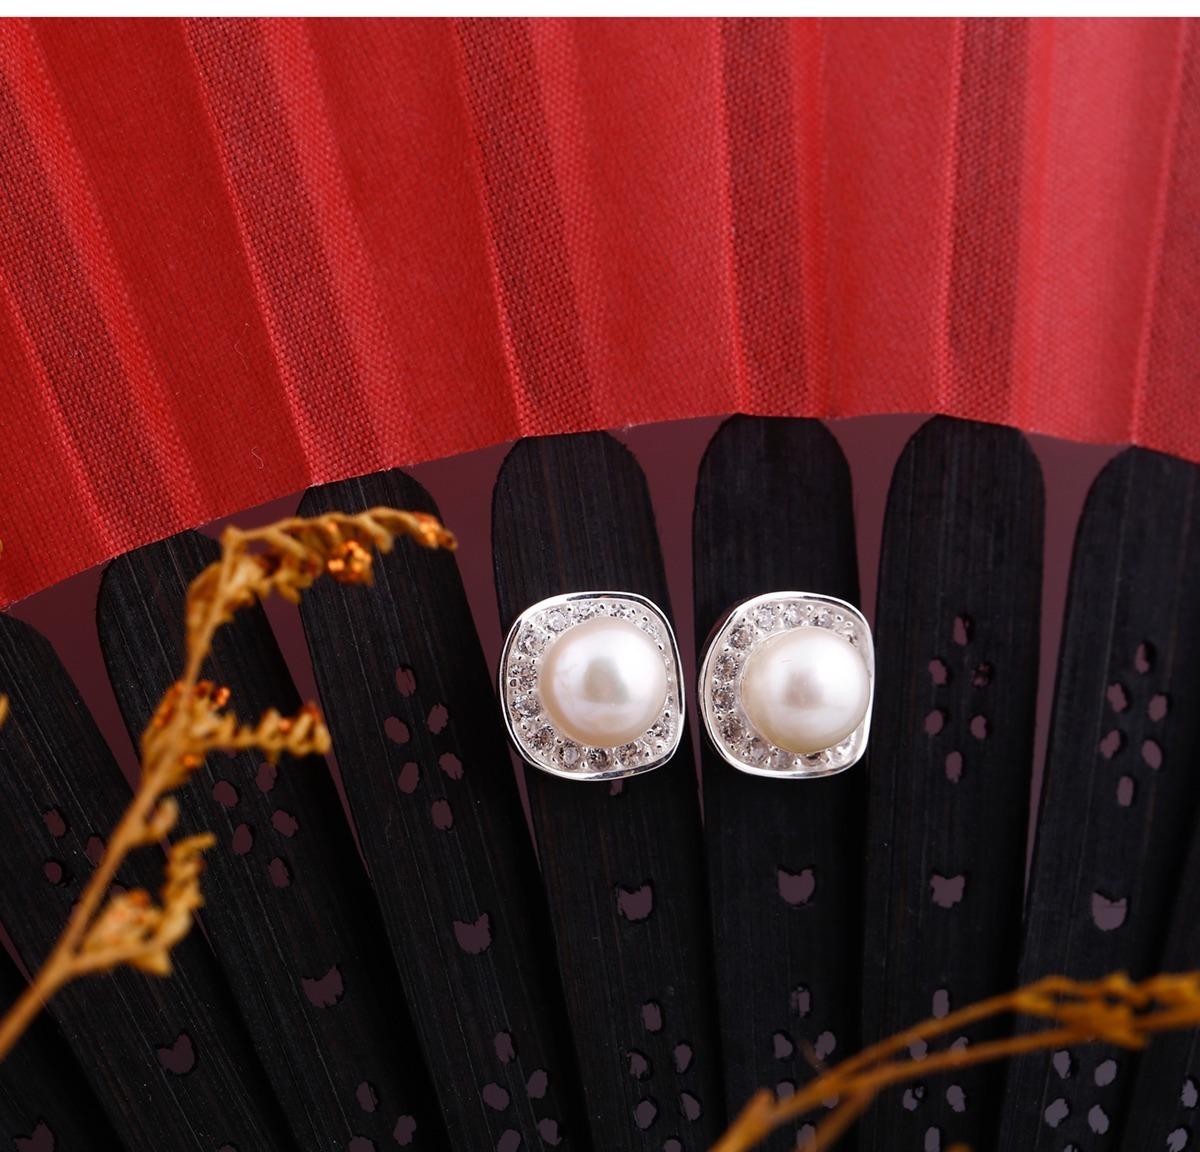 Hoa tai bạc đính ngọc trai cao cấp Opal T09 sẽ là món quà lý tưởng, phù hợp dành tặng các bà, các mẹ vào những dịp đặc biệt. Thiết kế sang trọng với viên ngọc trai to đính ở giữa kèm hạt đá nhỏ viền xung quanh, làm nổi bật viên ngọc trai màu trắng ngà. Từ xưa, hoa tai ngọc trai luôn được nhiều quý bà ưa chuộng vì sự thanh lịch, sang trọng mà nó đem lại. Sản phẩm có giá 290.000 đồng.